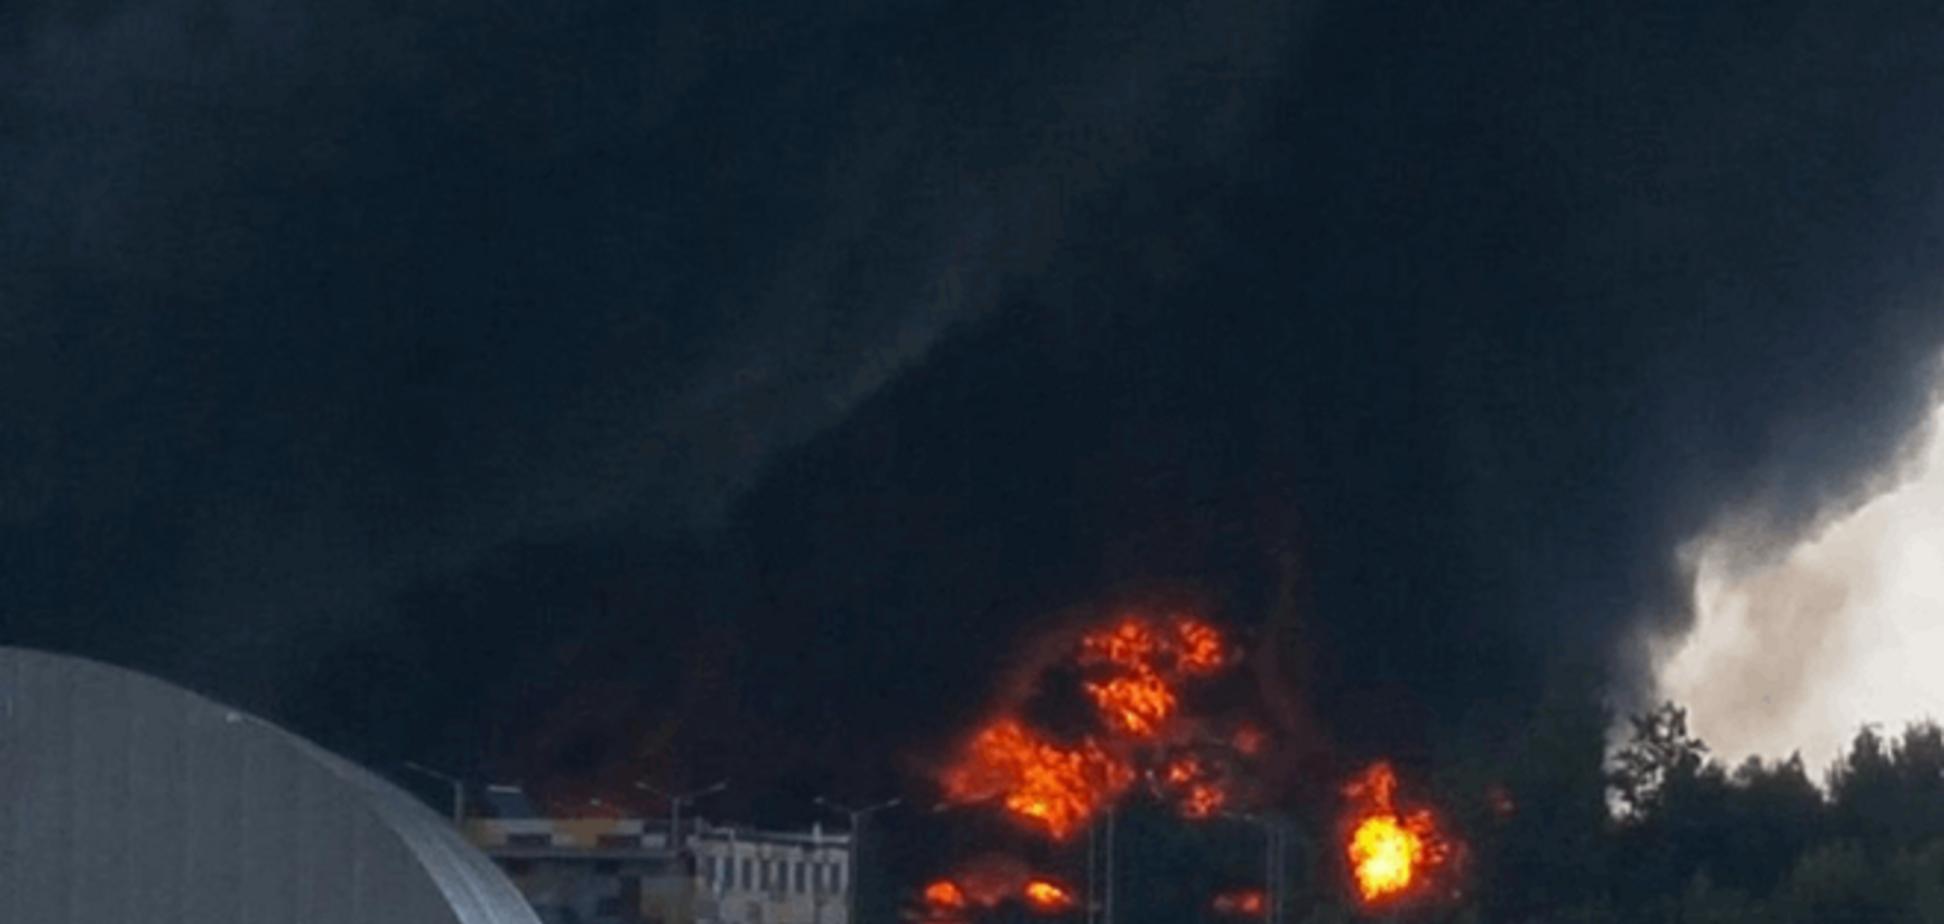 Аваков сообщил о гибели трех спасателей при пожаре в Василькове